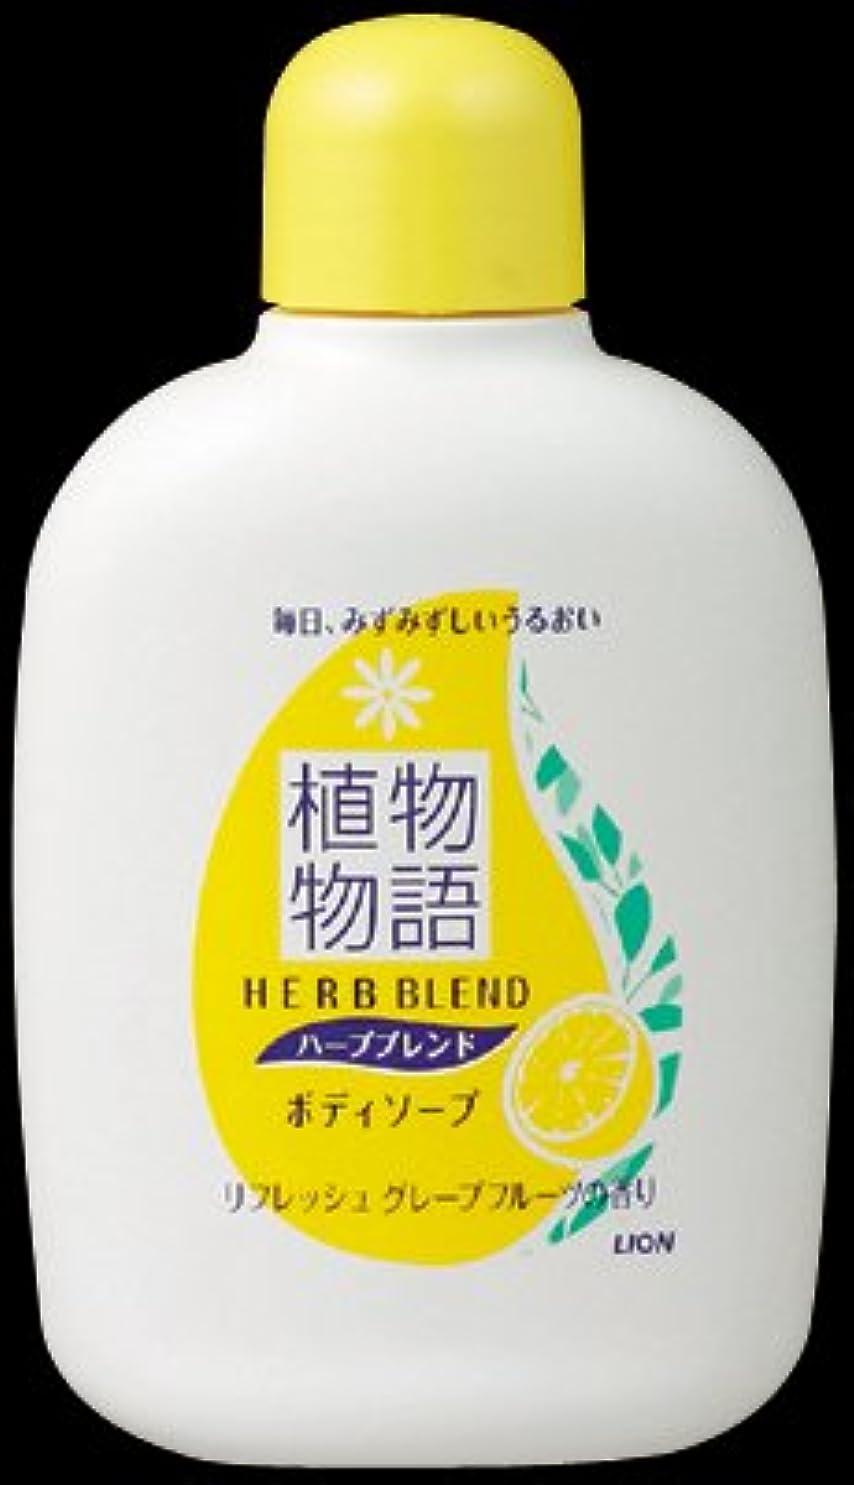 一次流出スチュワードライオン 植物物語 ハーブブレンドボディソープ グレープフルーツの香り トラベル90ml×24点セット (4903301325048)